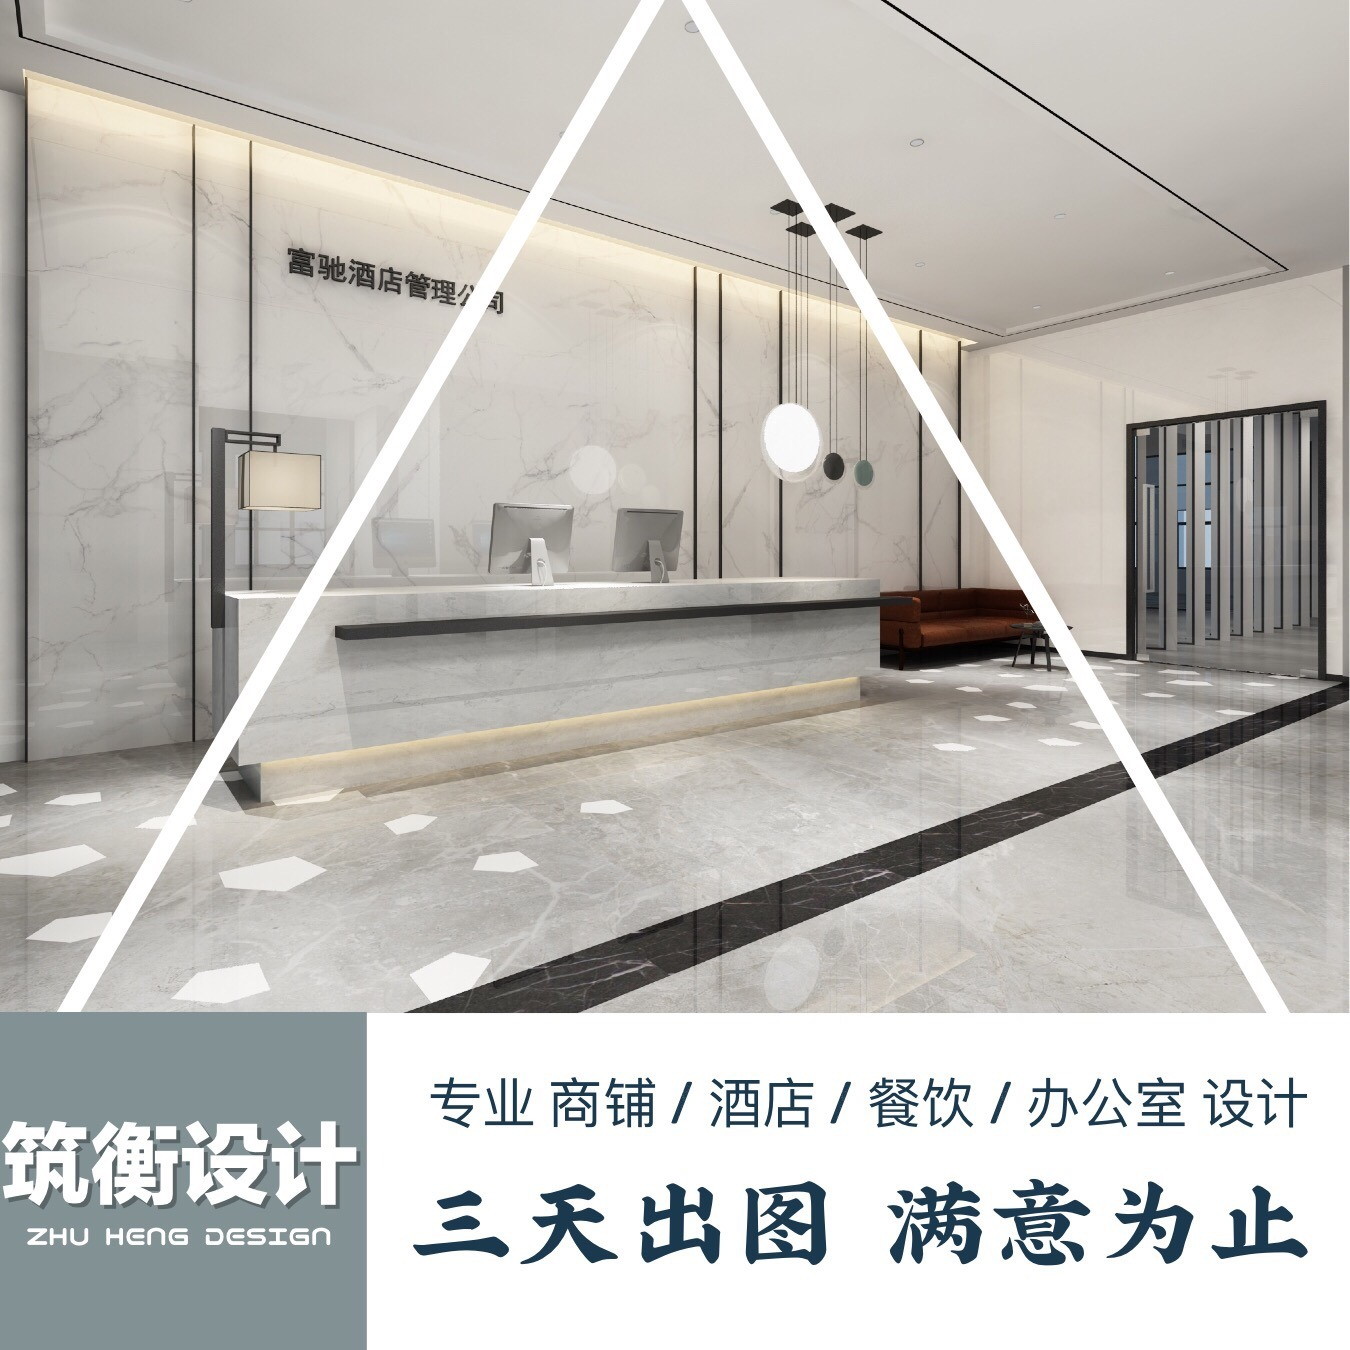 【装修设计】室内设计施工/效果图设计/ 装修设计/软装设计